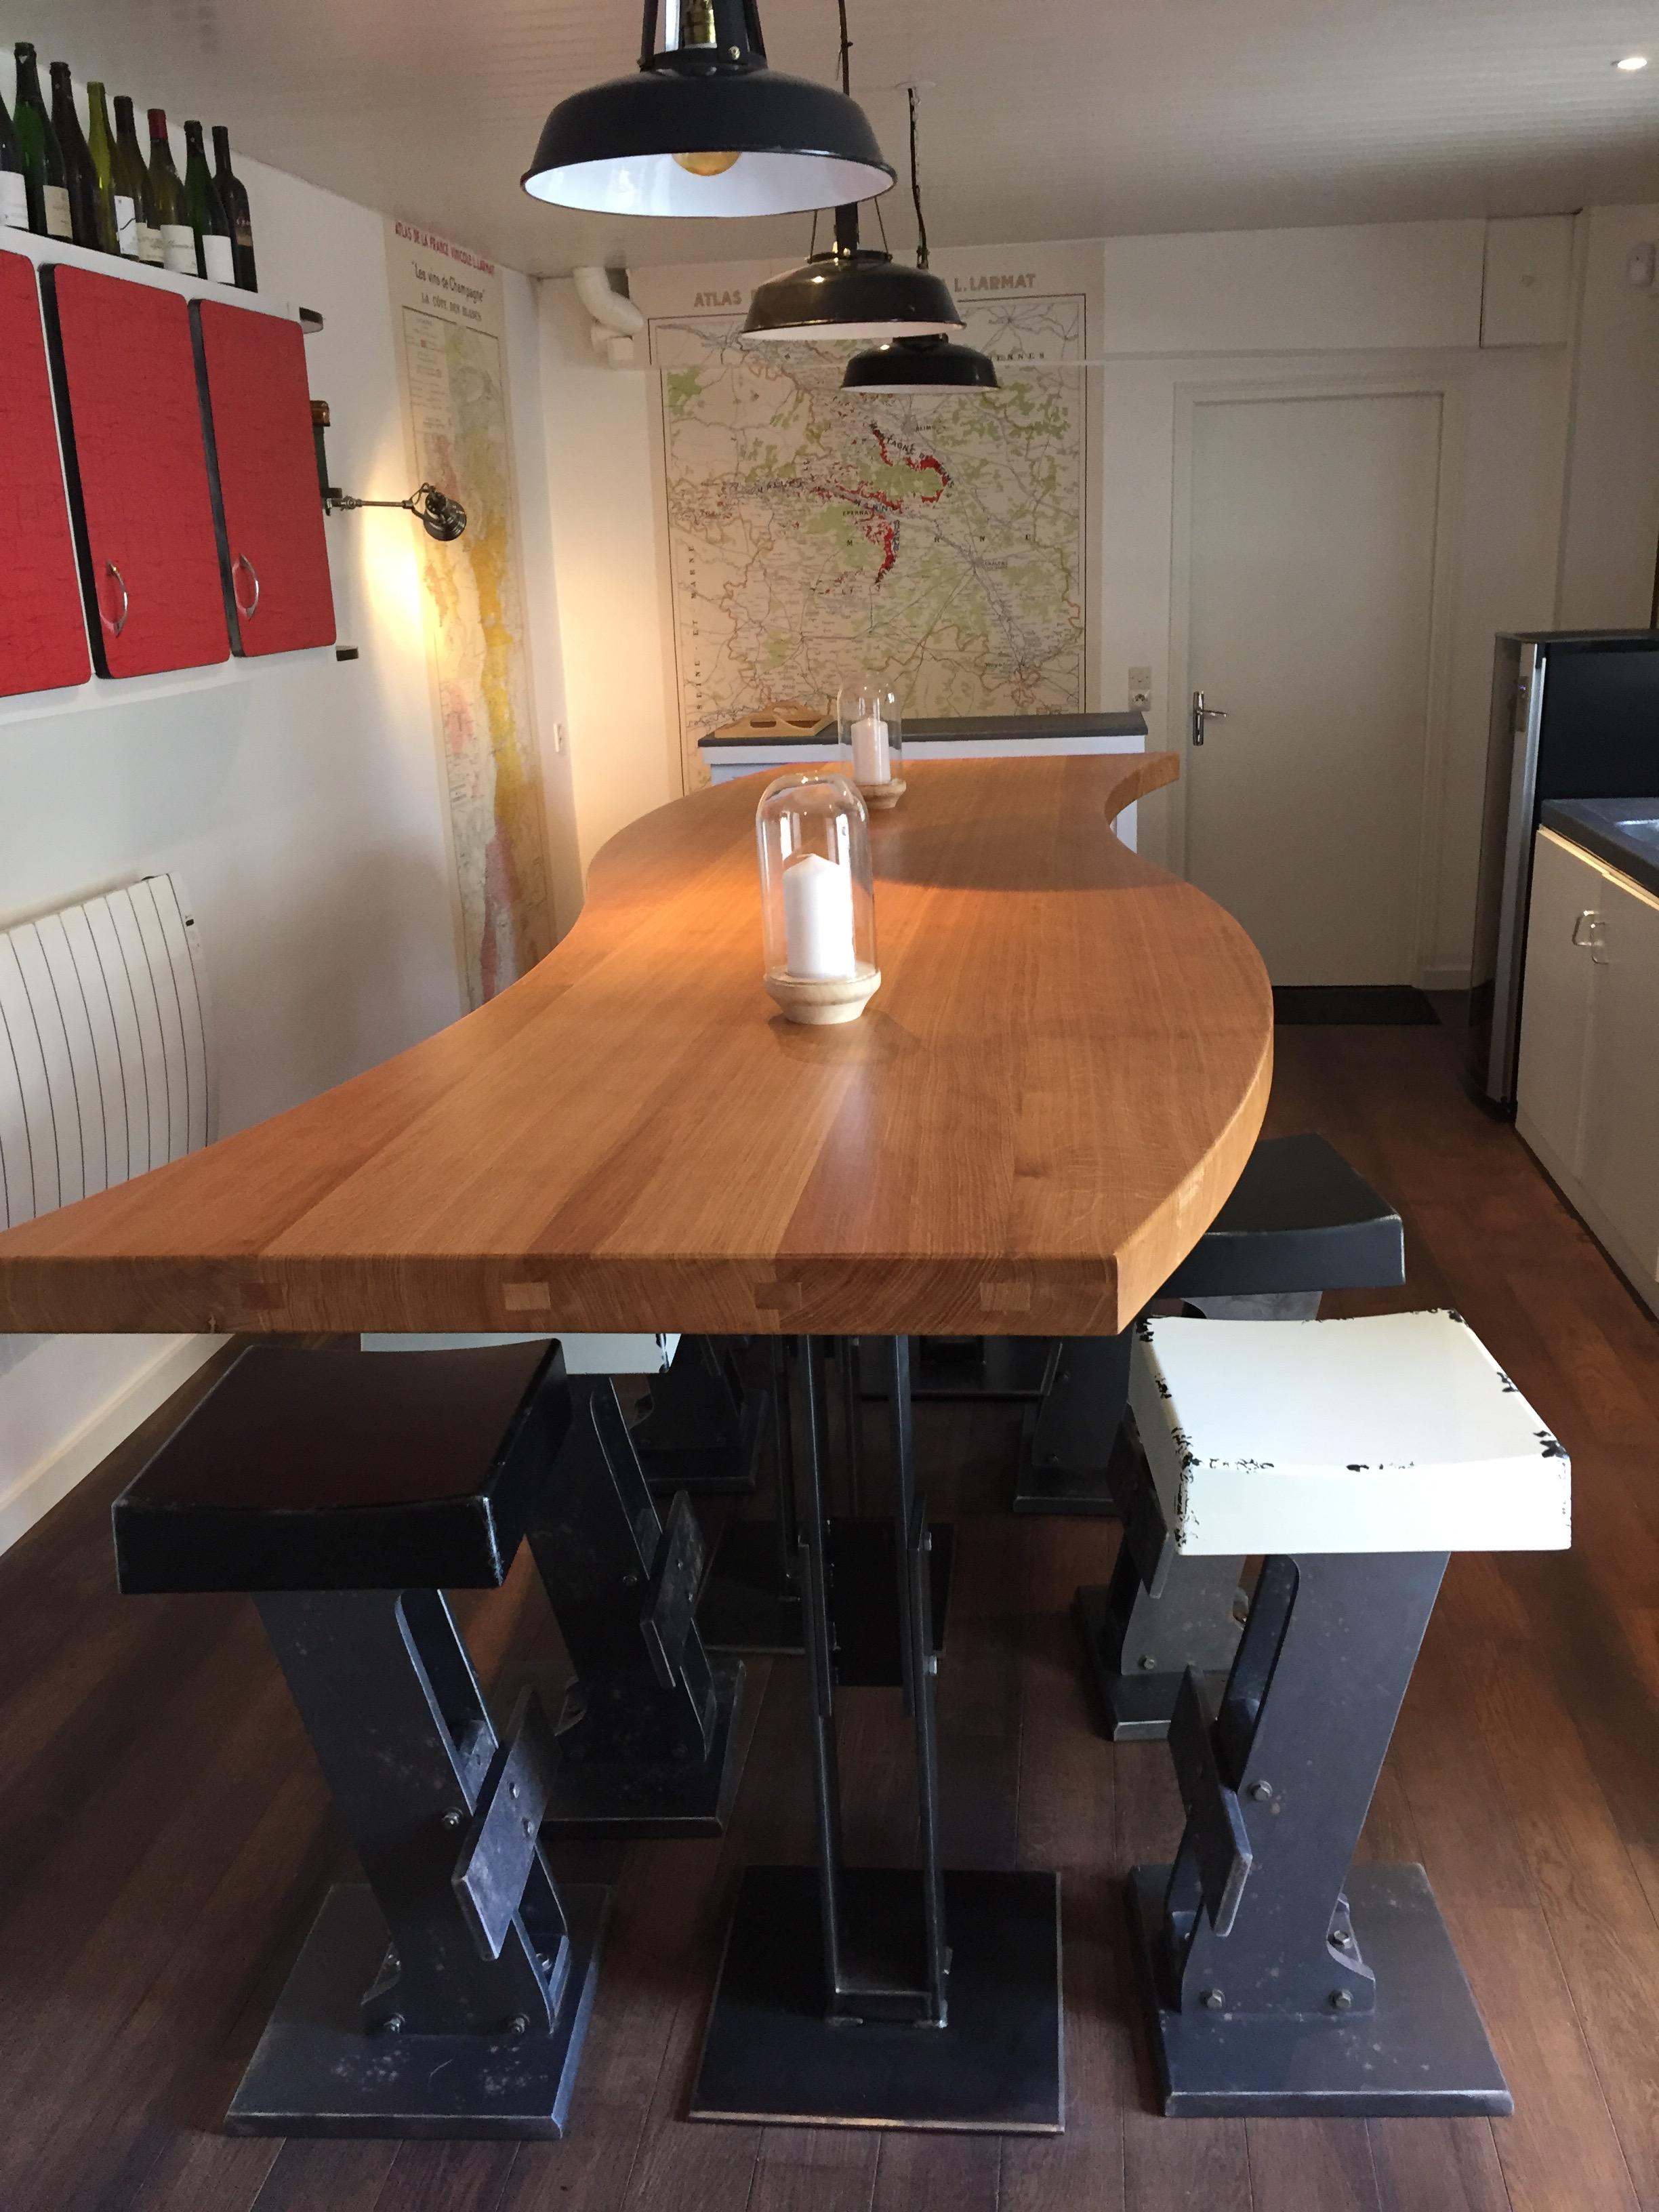 Suenen's tasting room